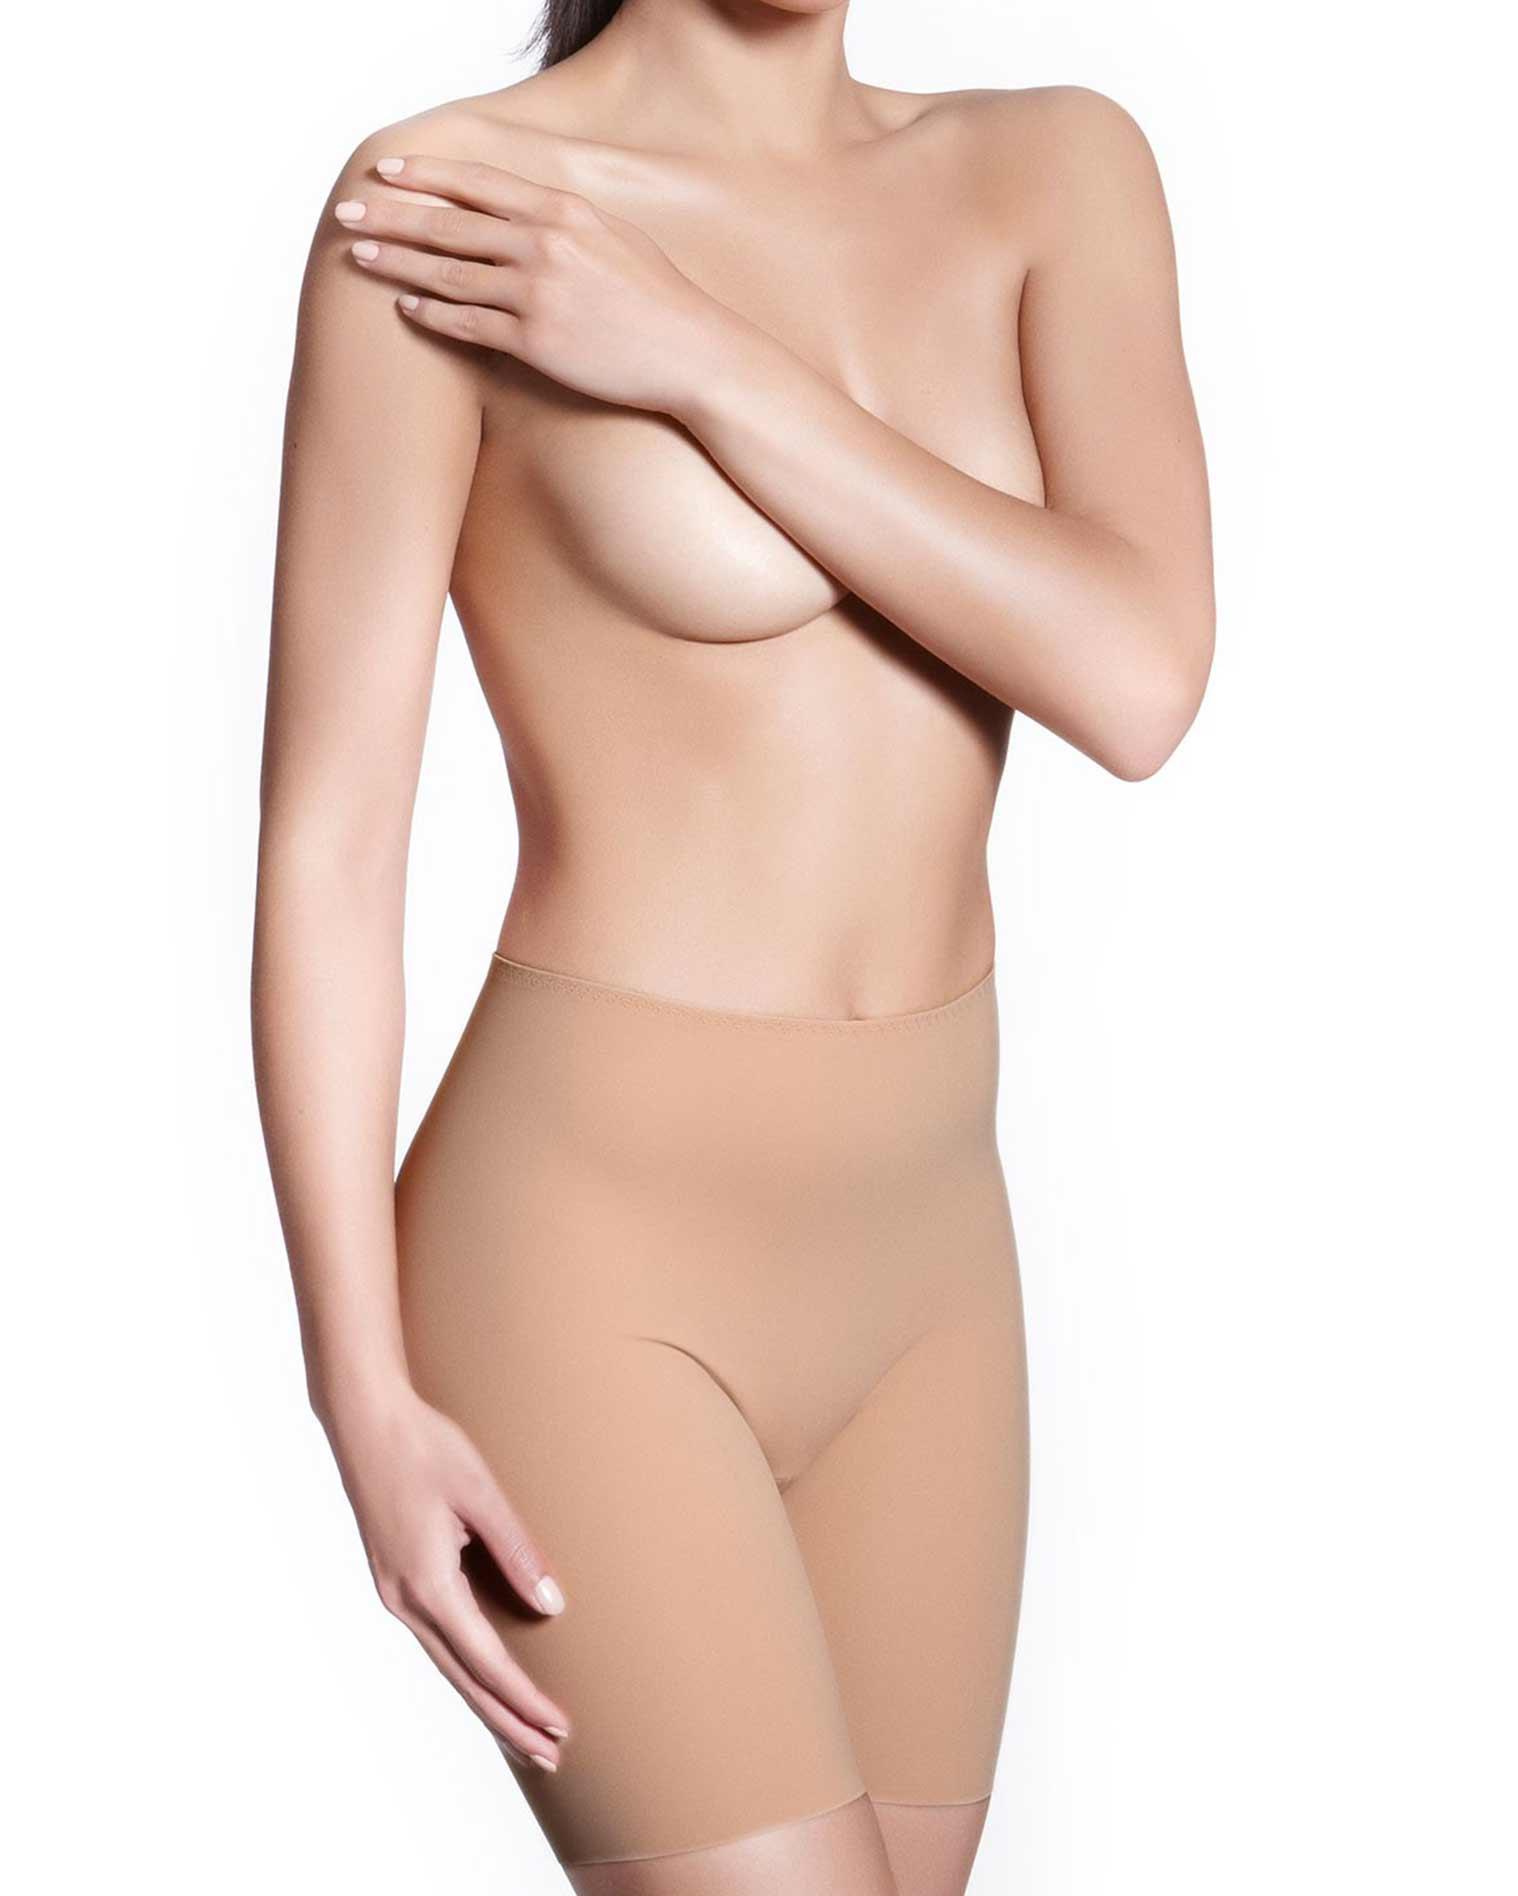 Panty - Skin